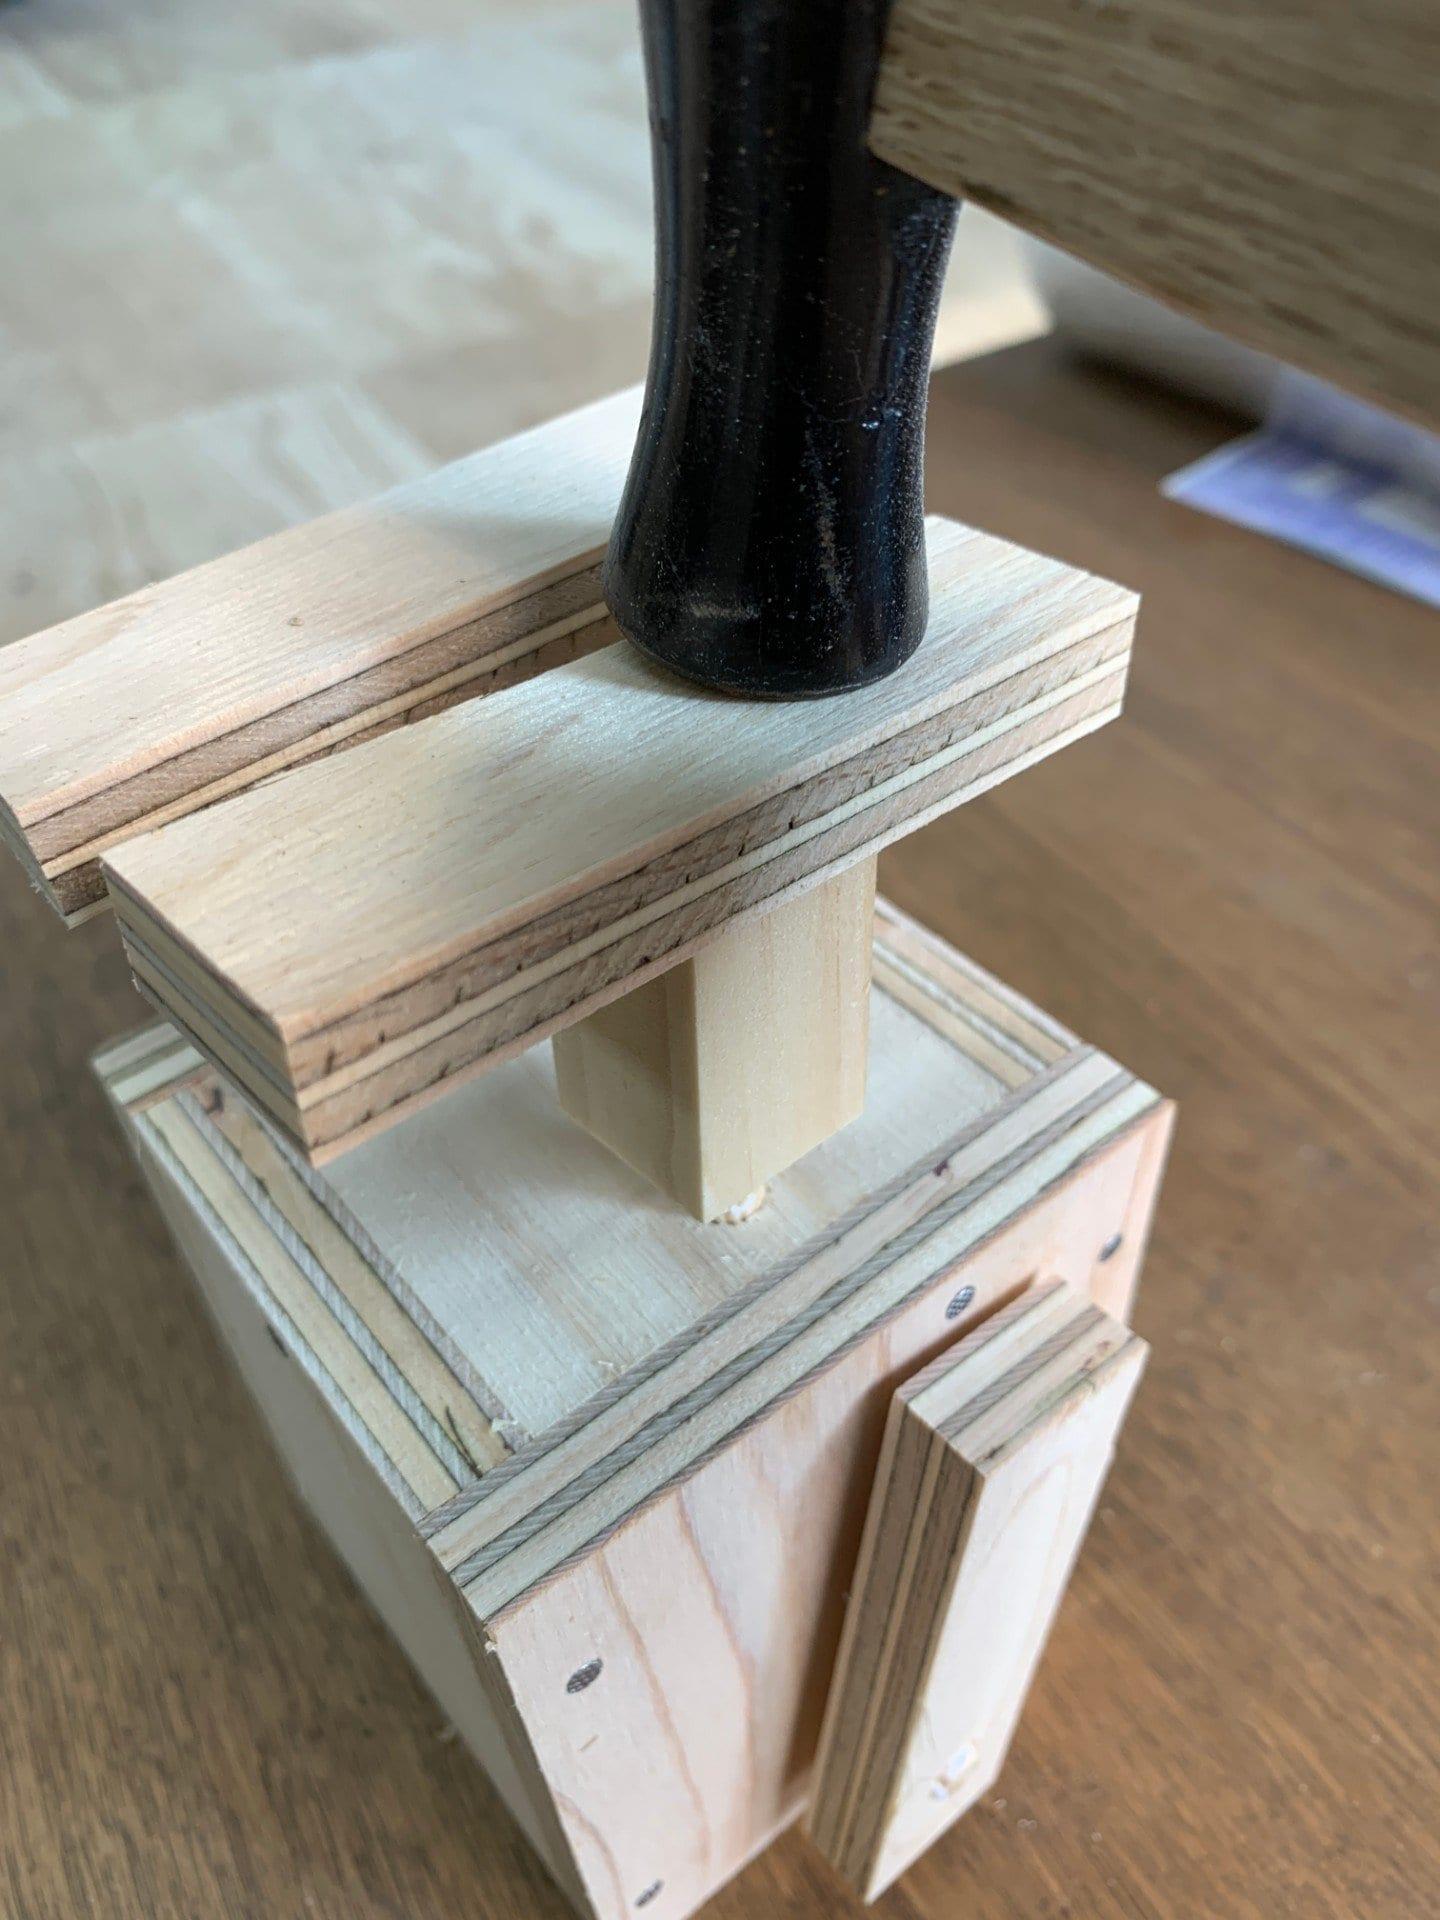 【W様専用】Ton-ton 木工教室・物作り体験 ロボペンたてのイメージその6